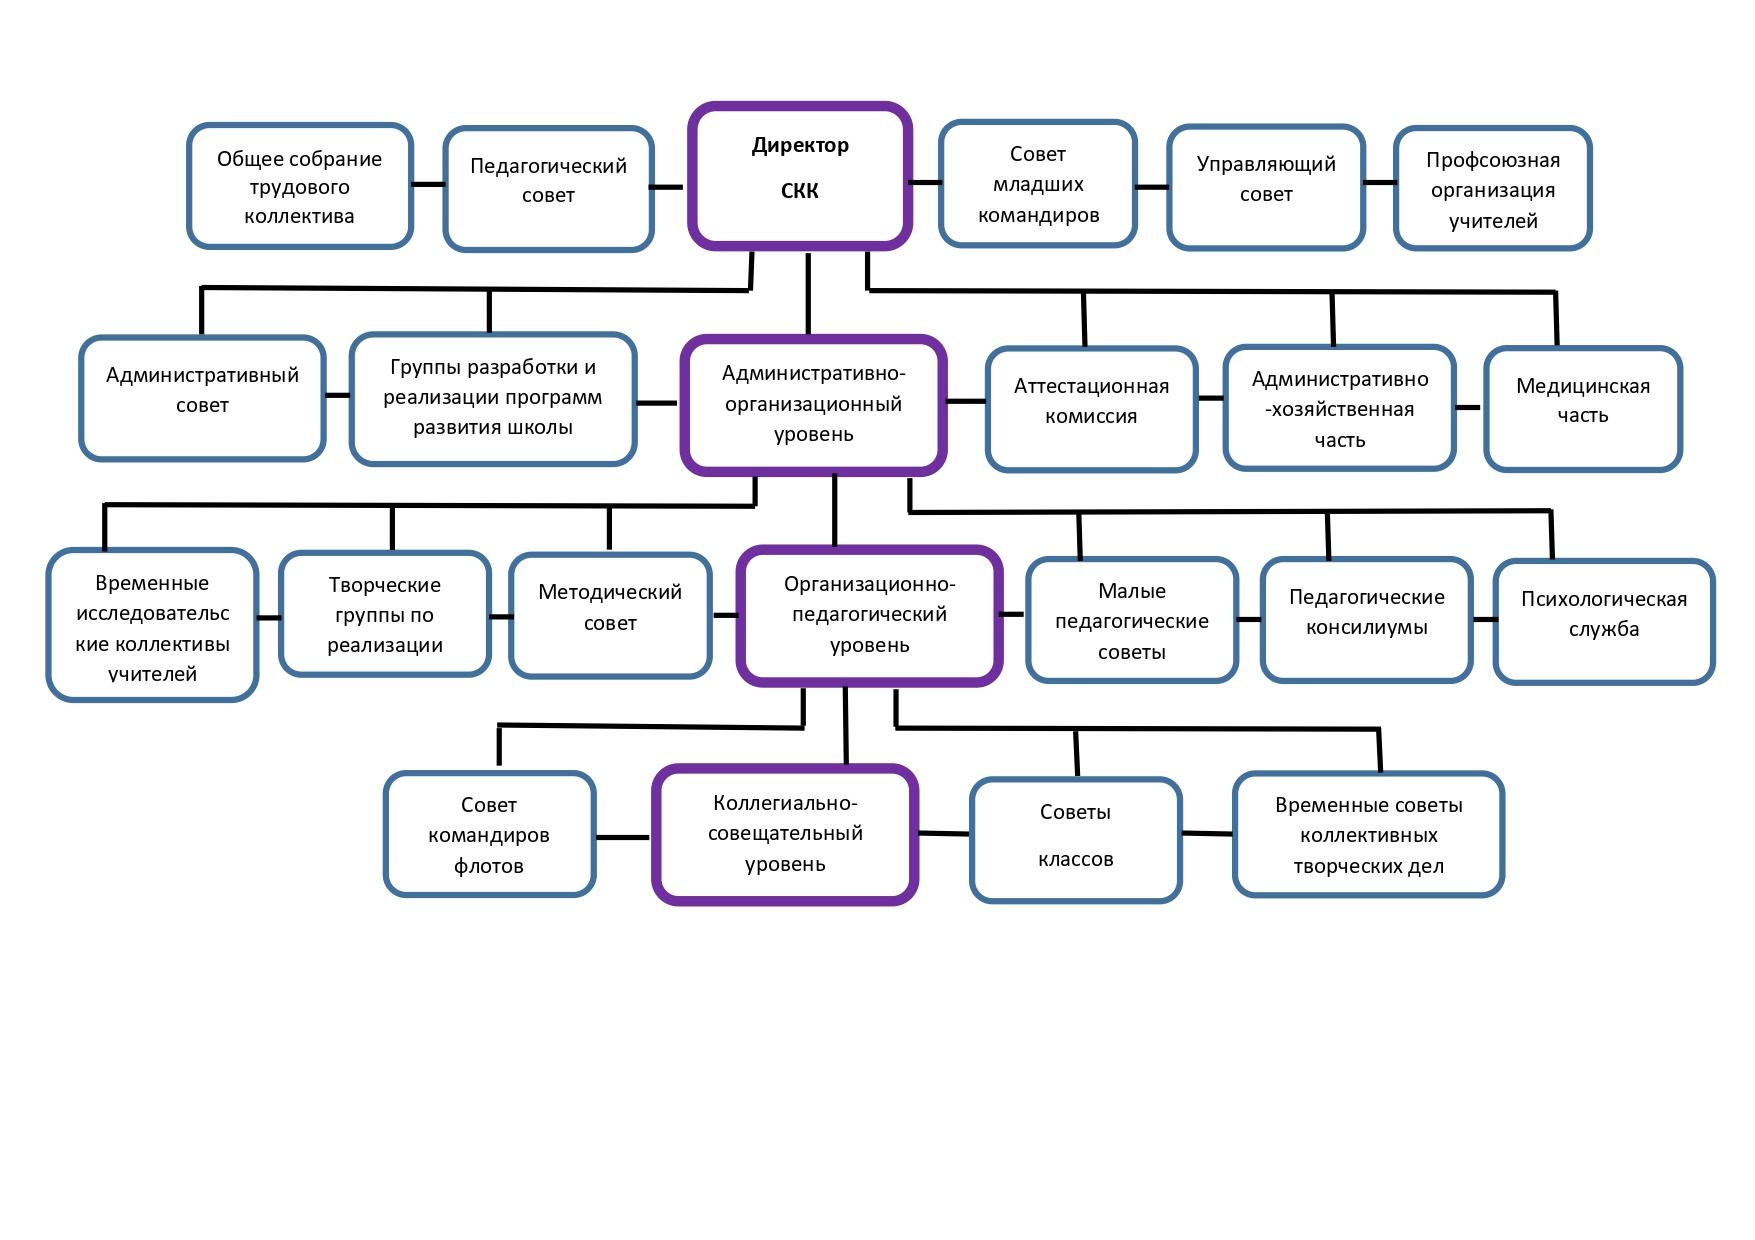 Организационная структура управления СКК_page-0001